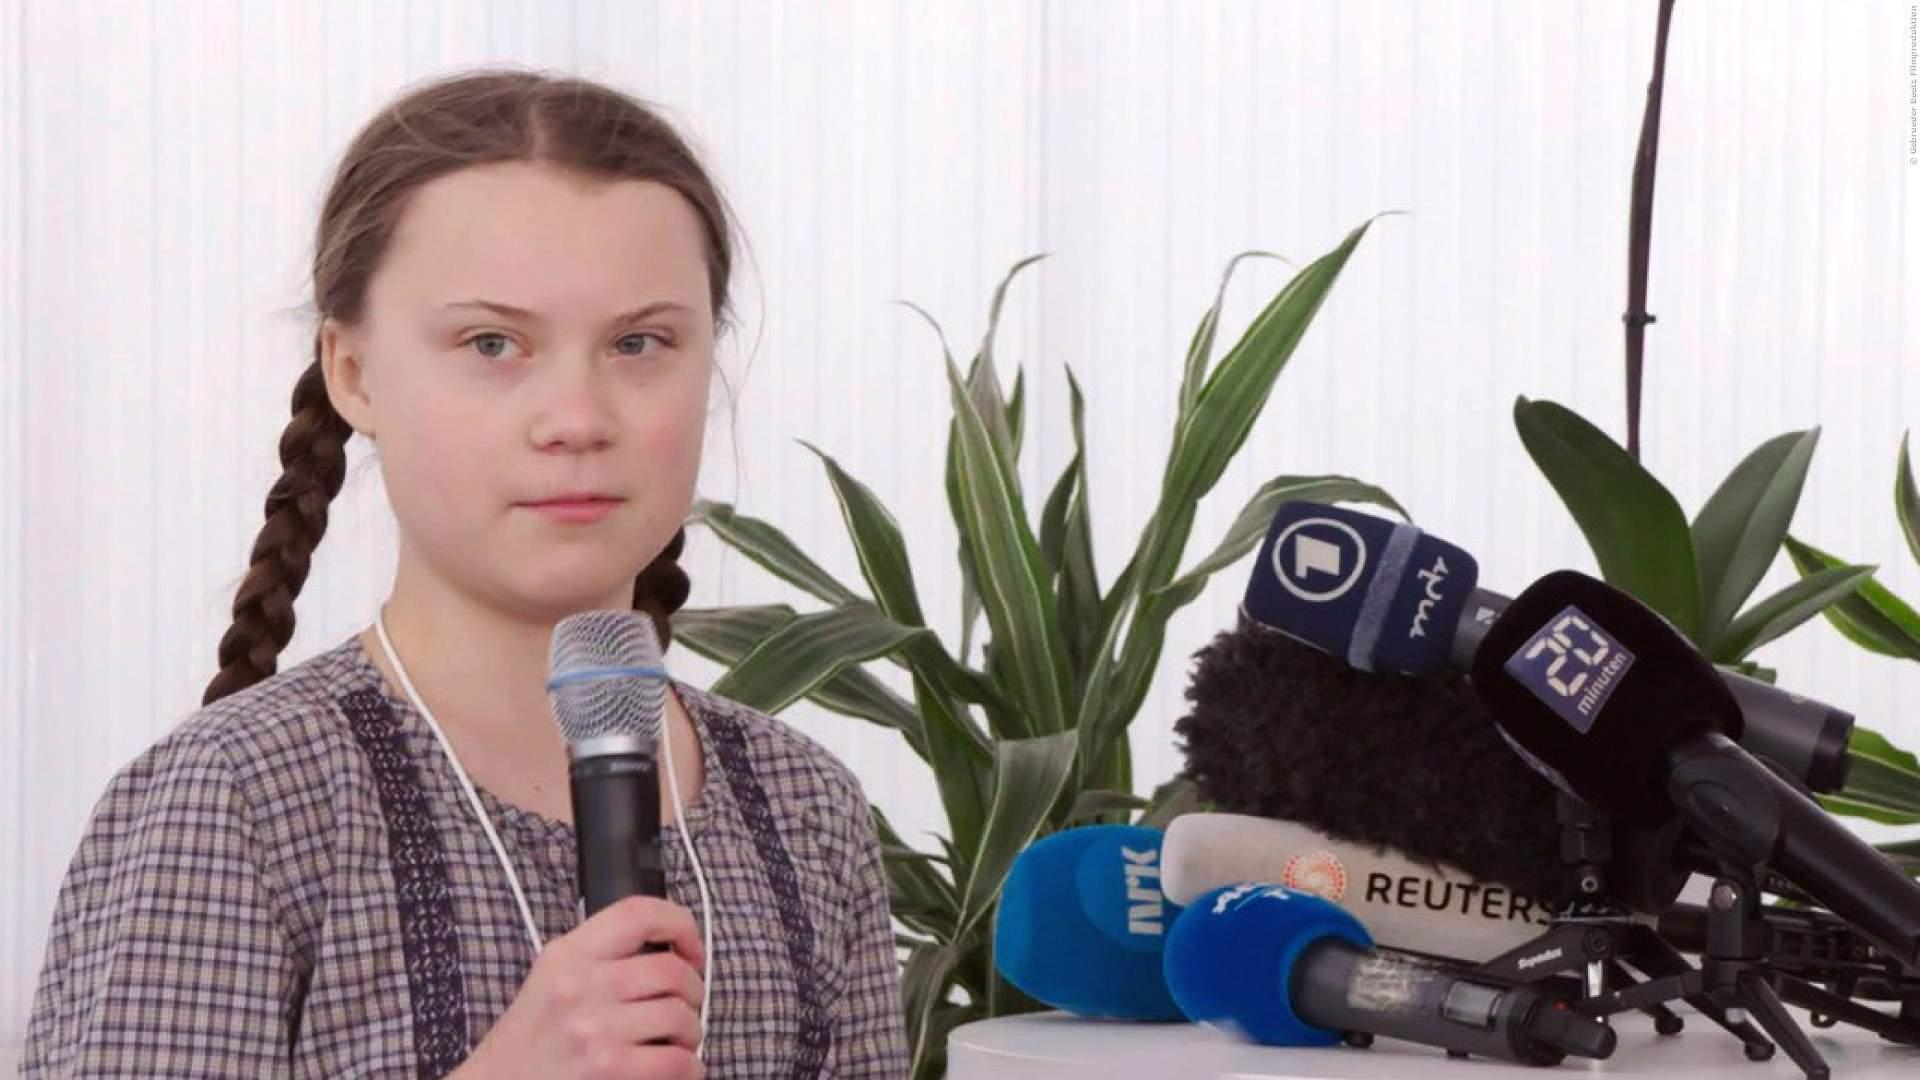 DAS FORUM: Greta kommt ins Kino - als Teil einer Doku über unsere Zukunft